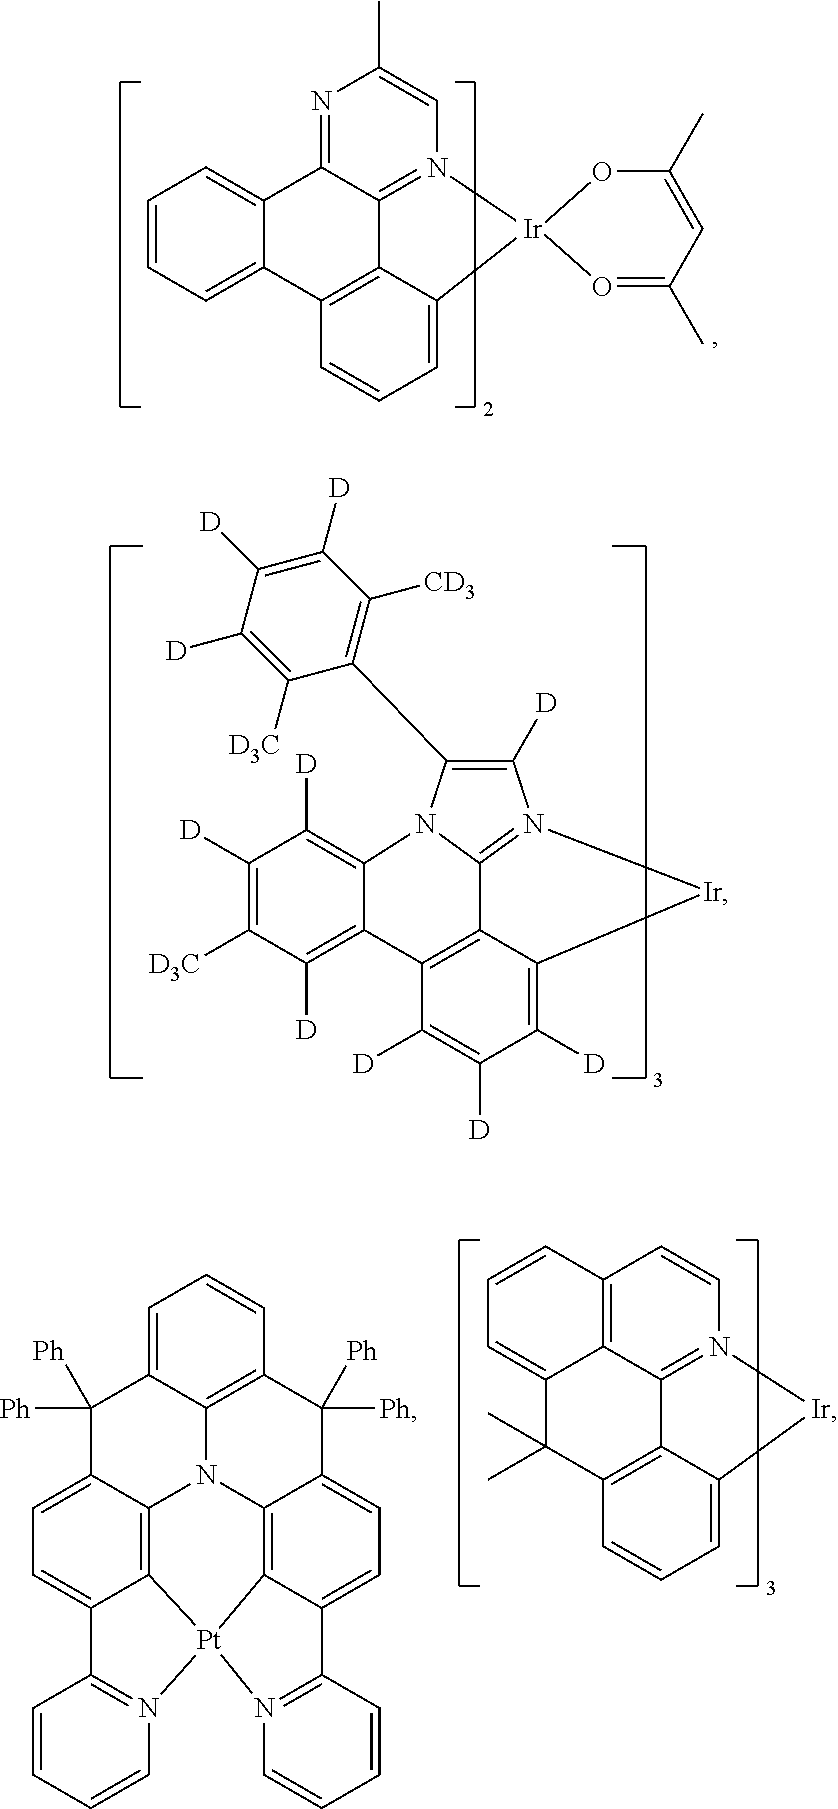 Figure US09859510-20180102-C00082